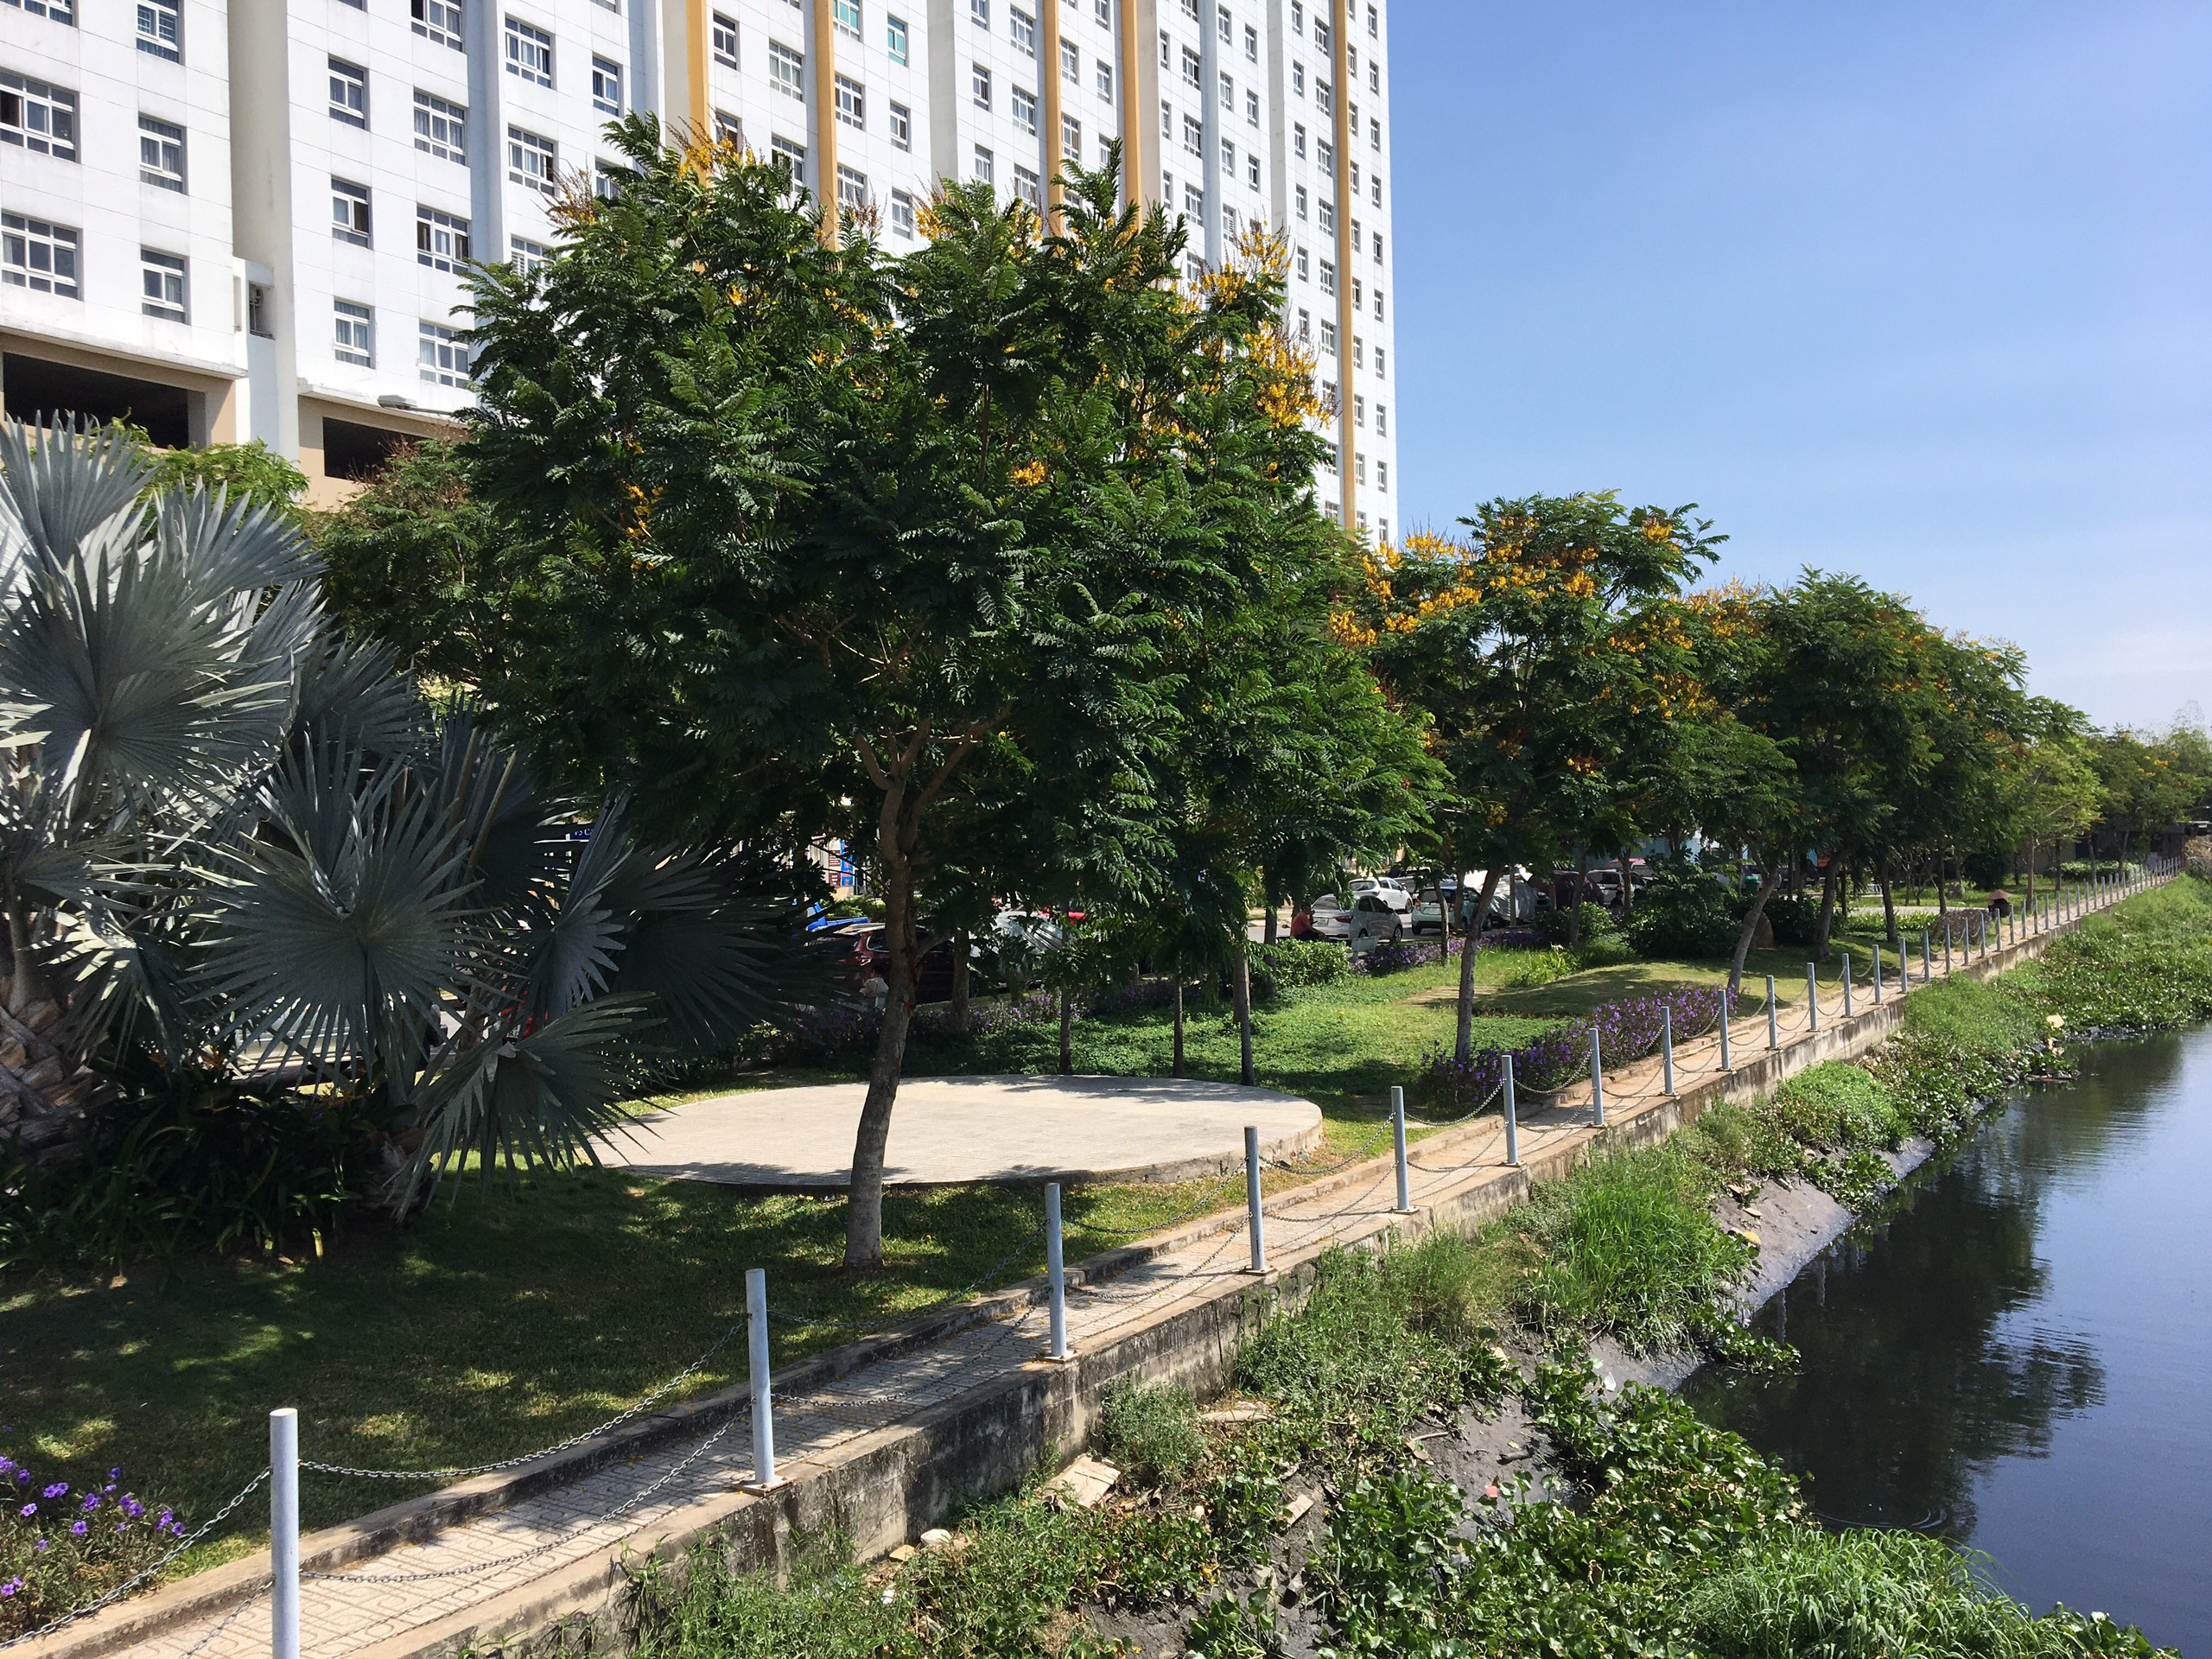 Công viên cây xanh Sunview Town bên bờ kênh Gò Dưa tạo không gian trong lành gần gũi thiên nhiên